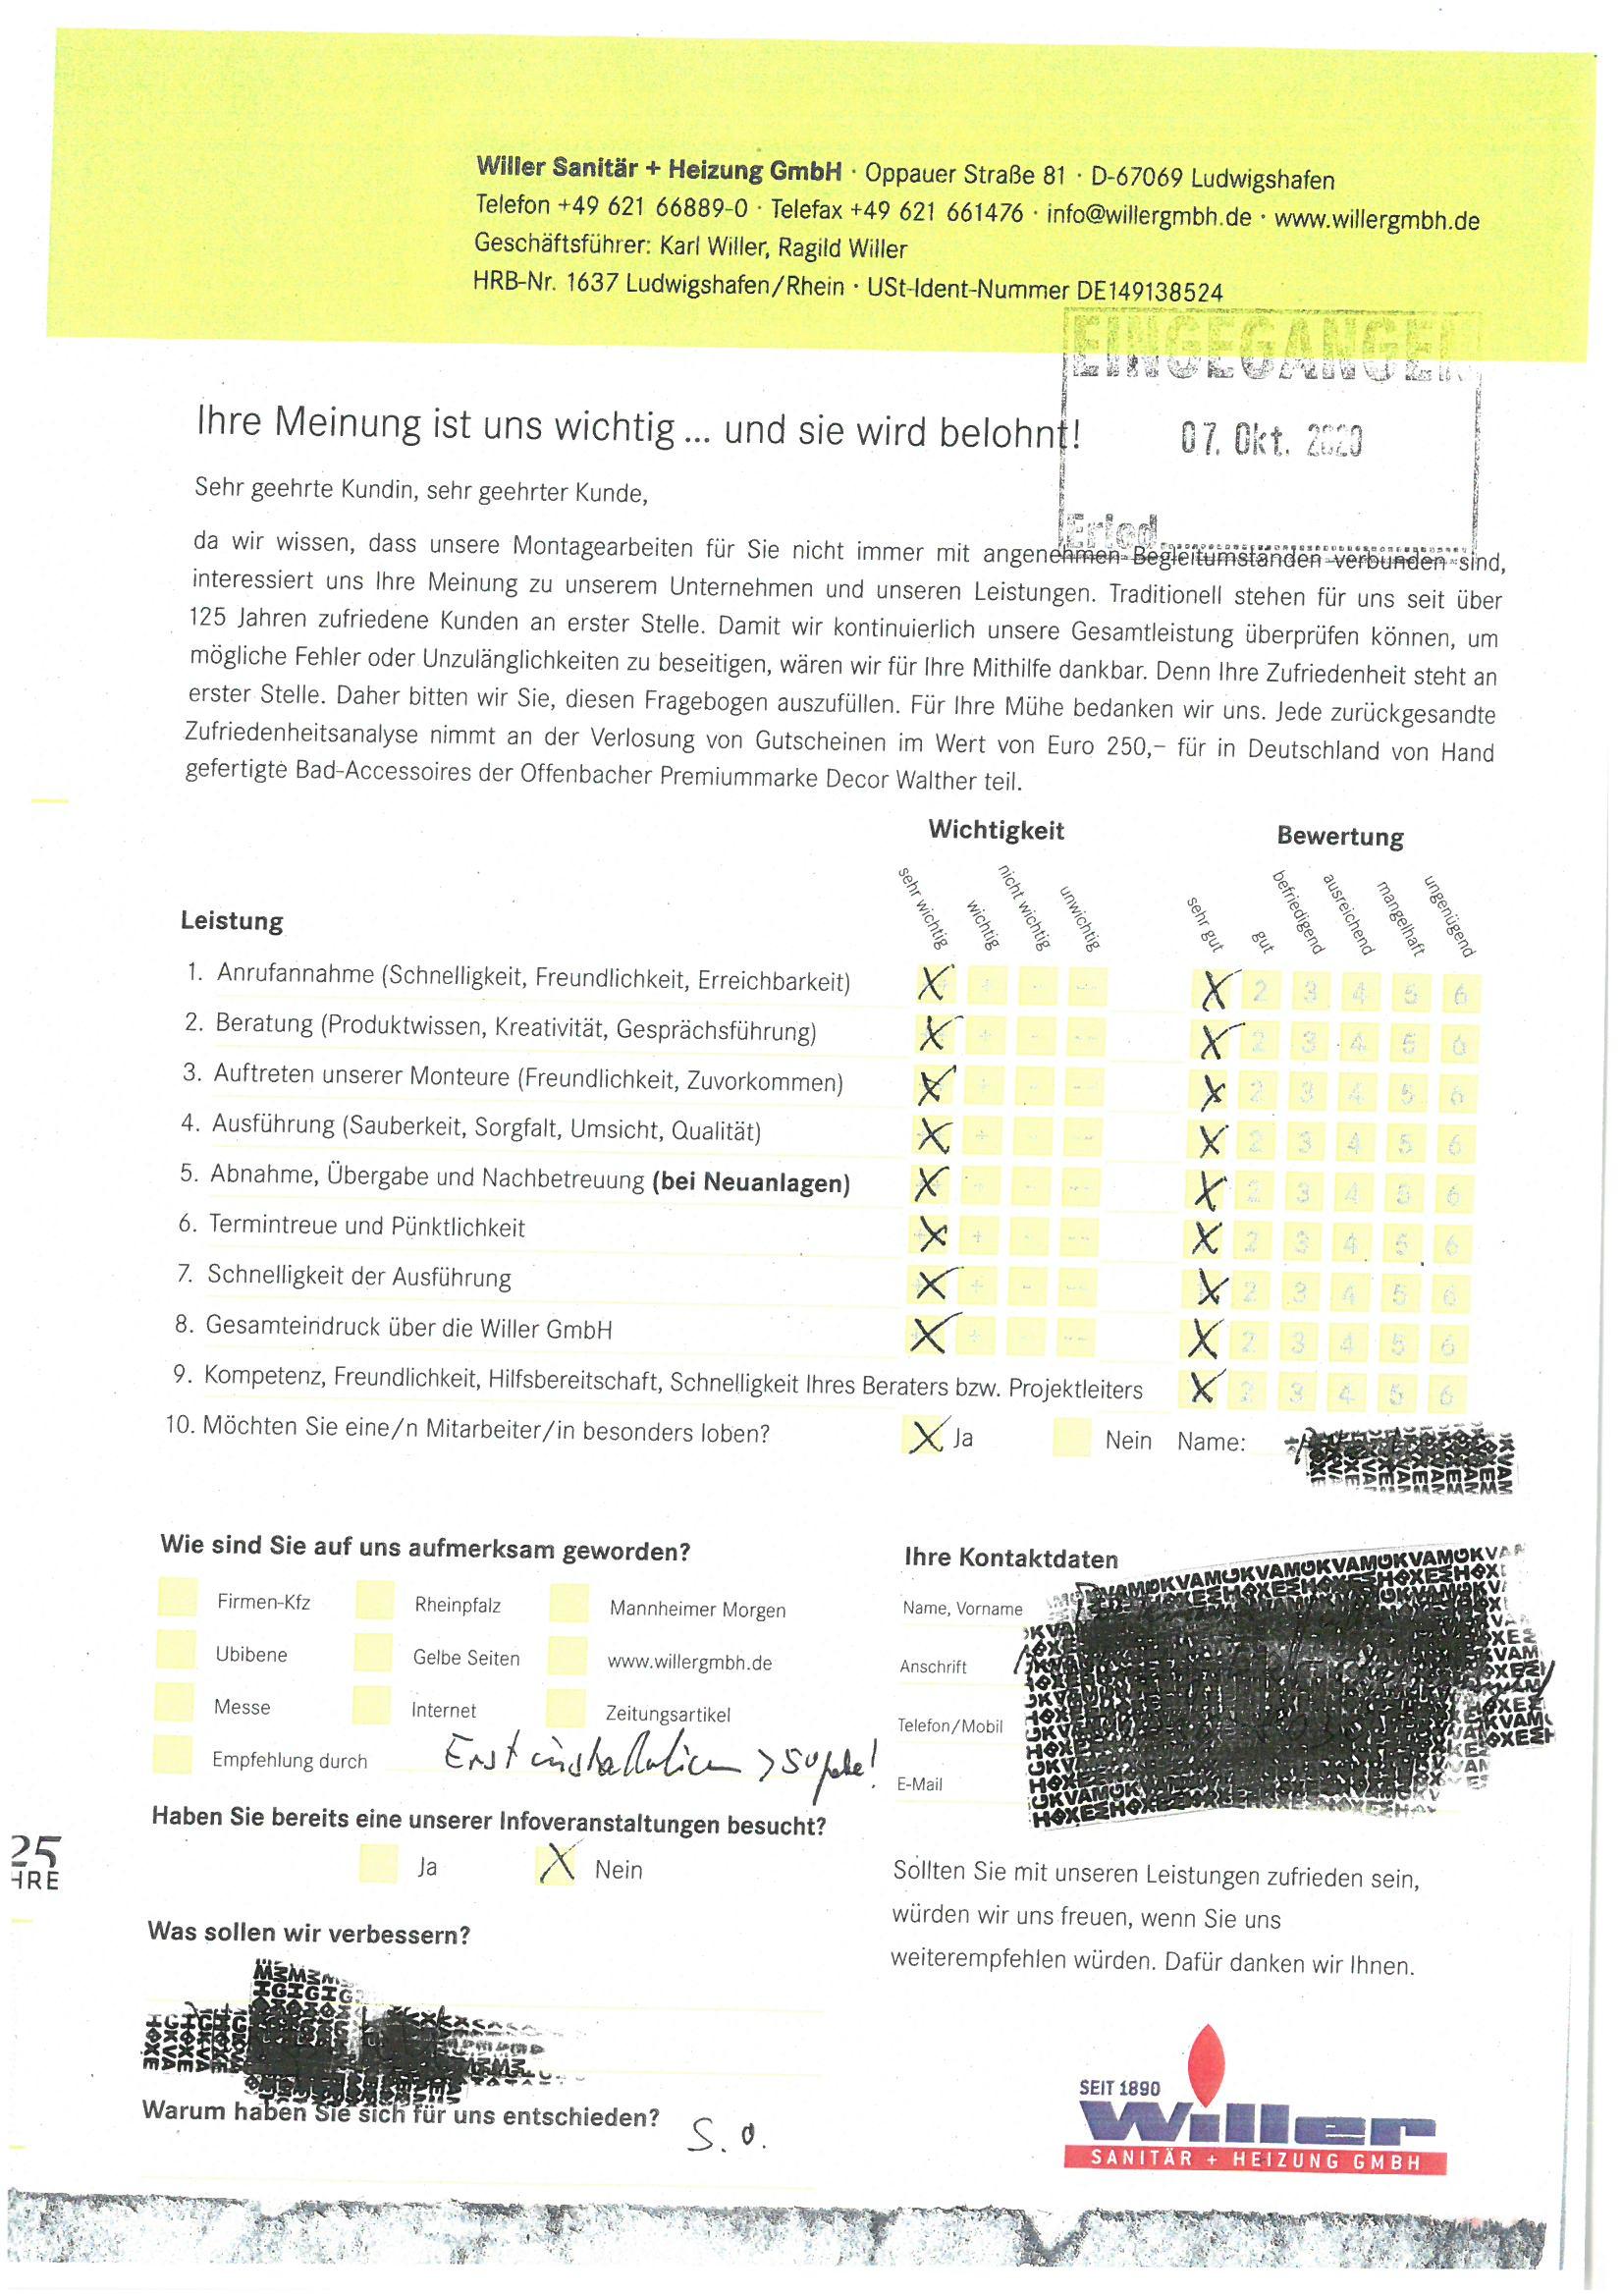 Bewertungen_Willer_Ludwigshafen_2020_ (118)